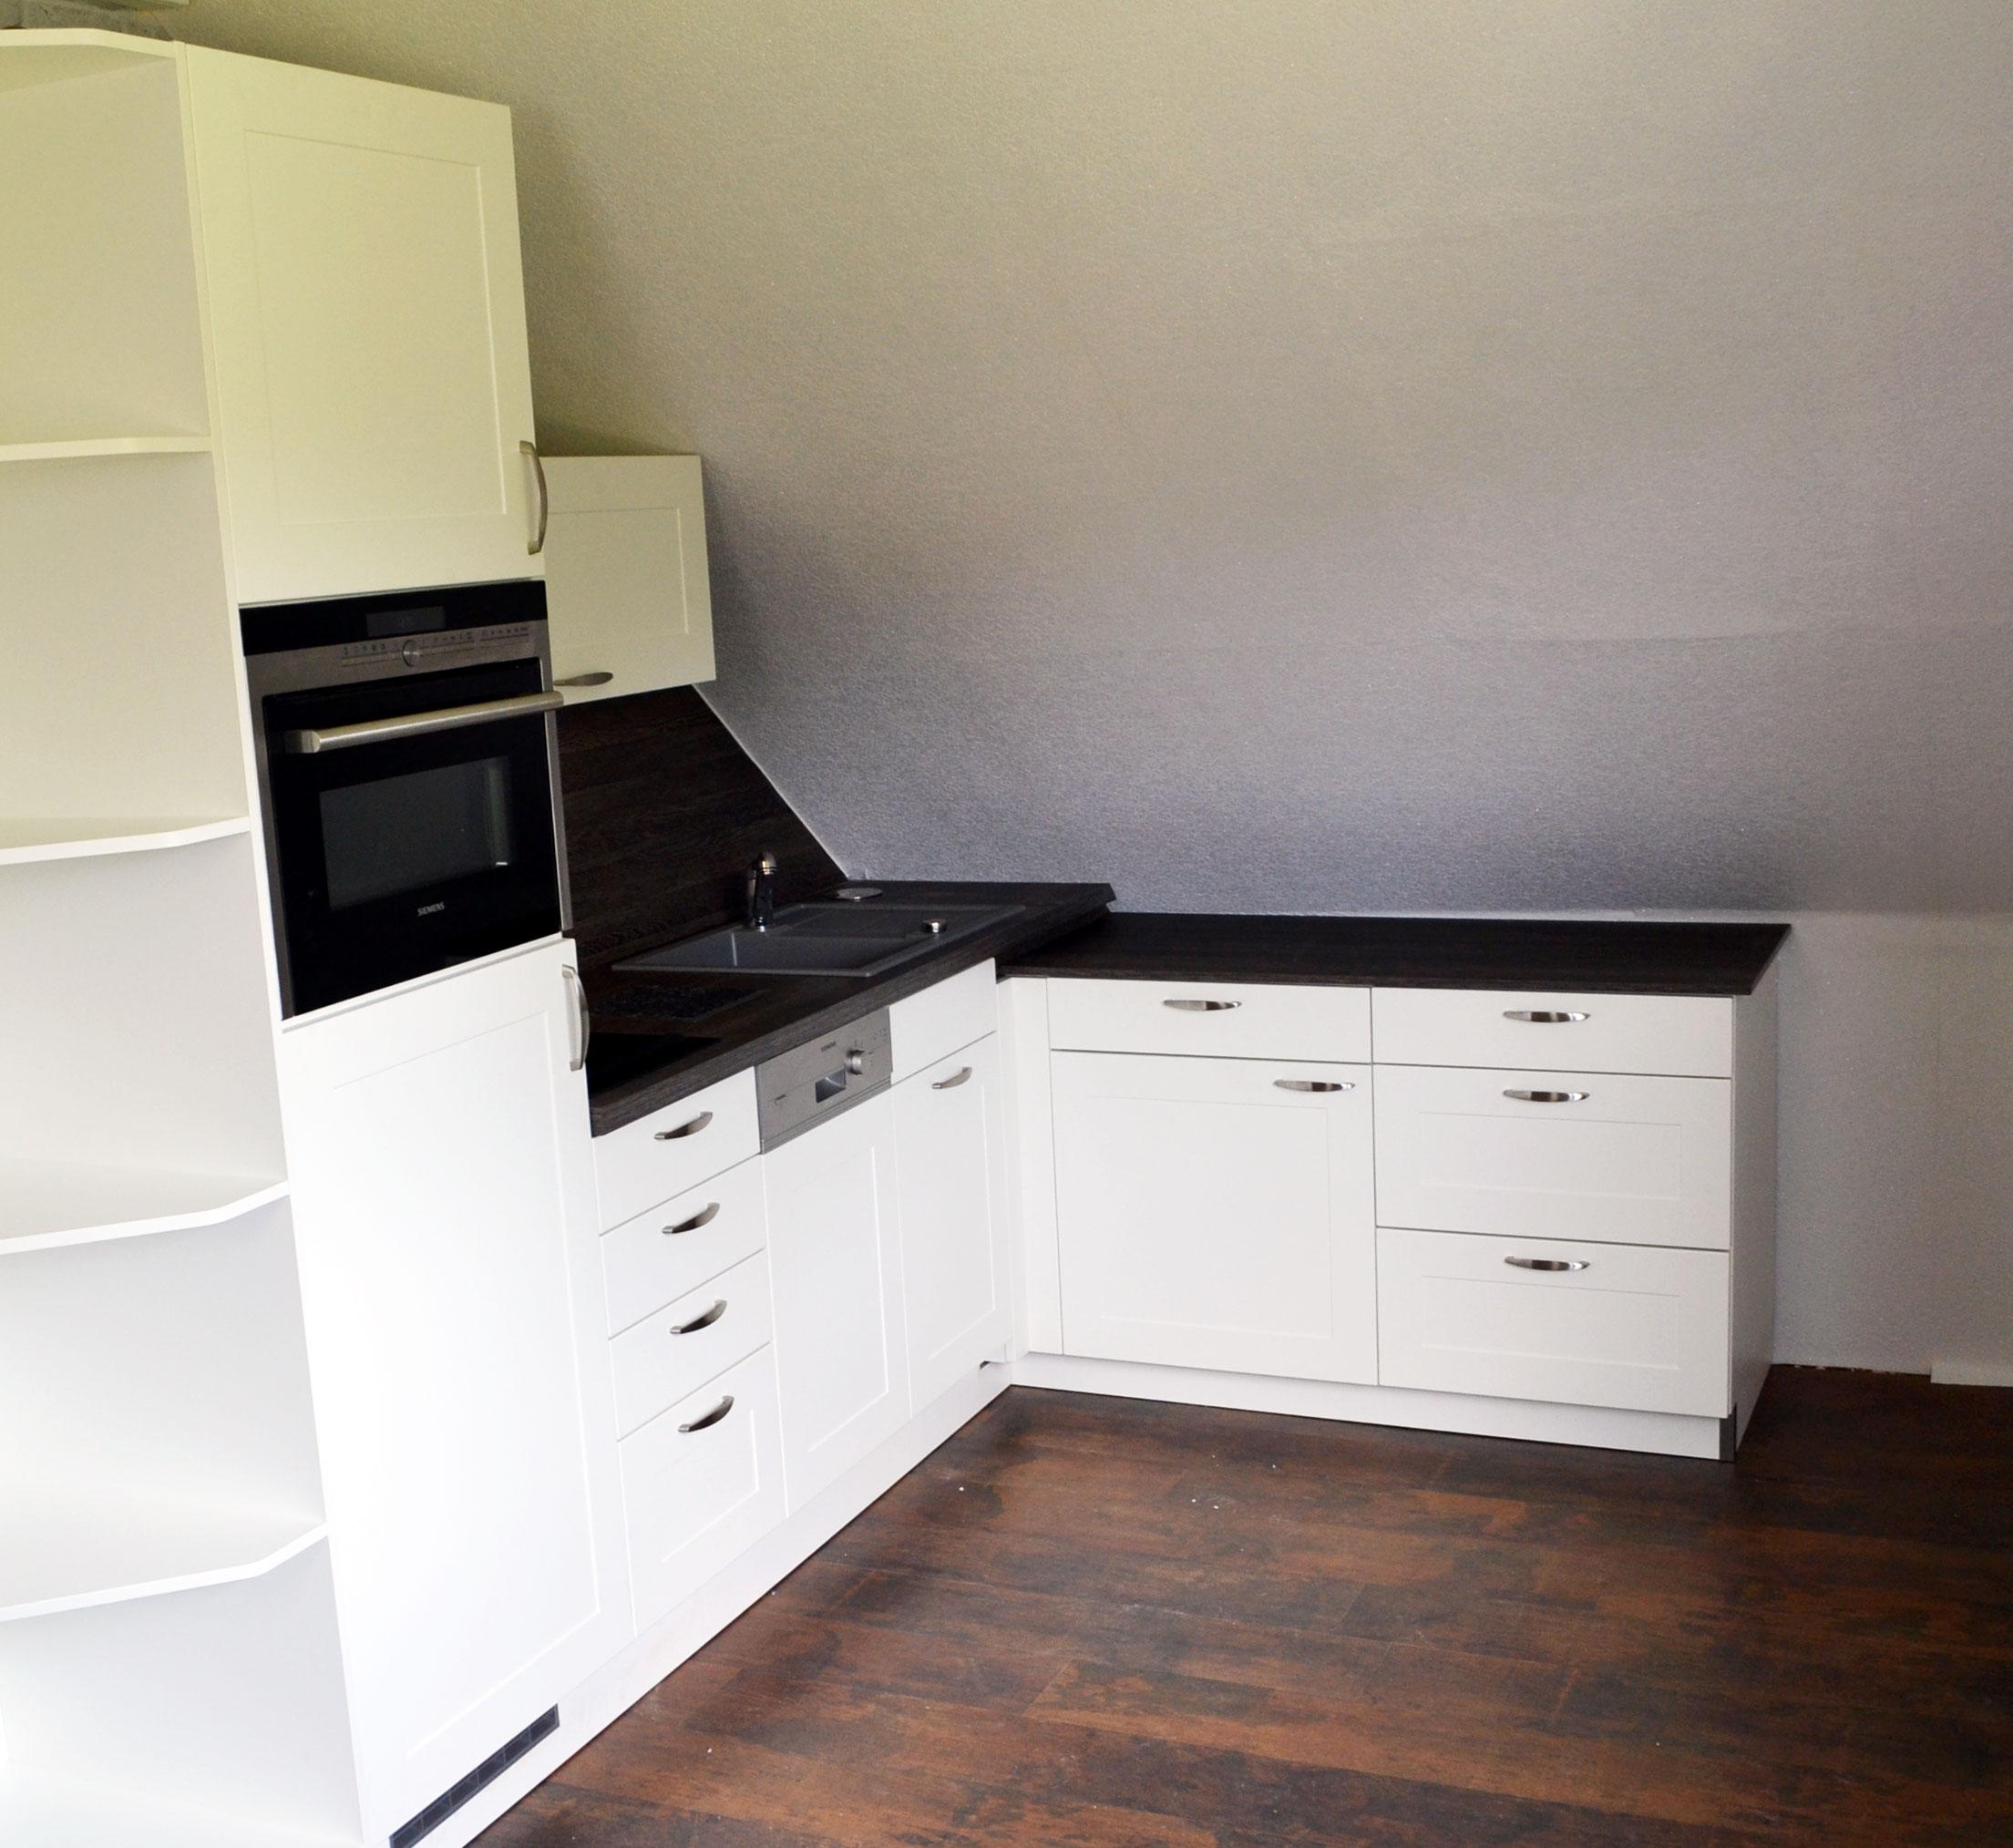 Full Size of Kleine Einbauküche Kaufen Kleine Küche Einbauküche Kleine Einbauküche Mit Geräten Wie Viel Kostet Eine Kleine Einbauküche Küche Kleine Einbauküche